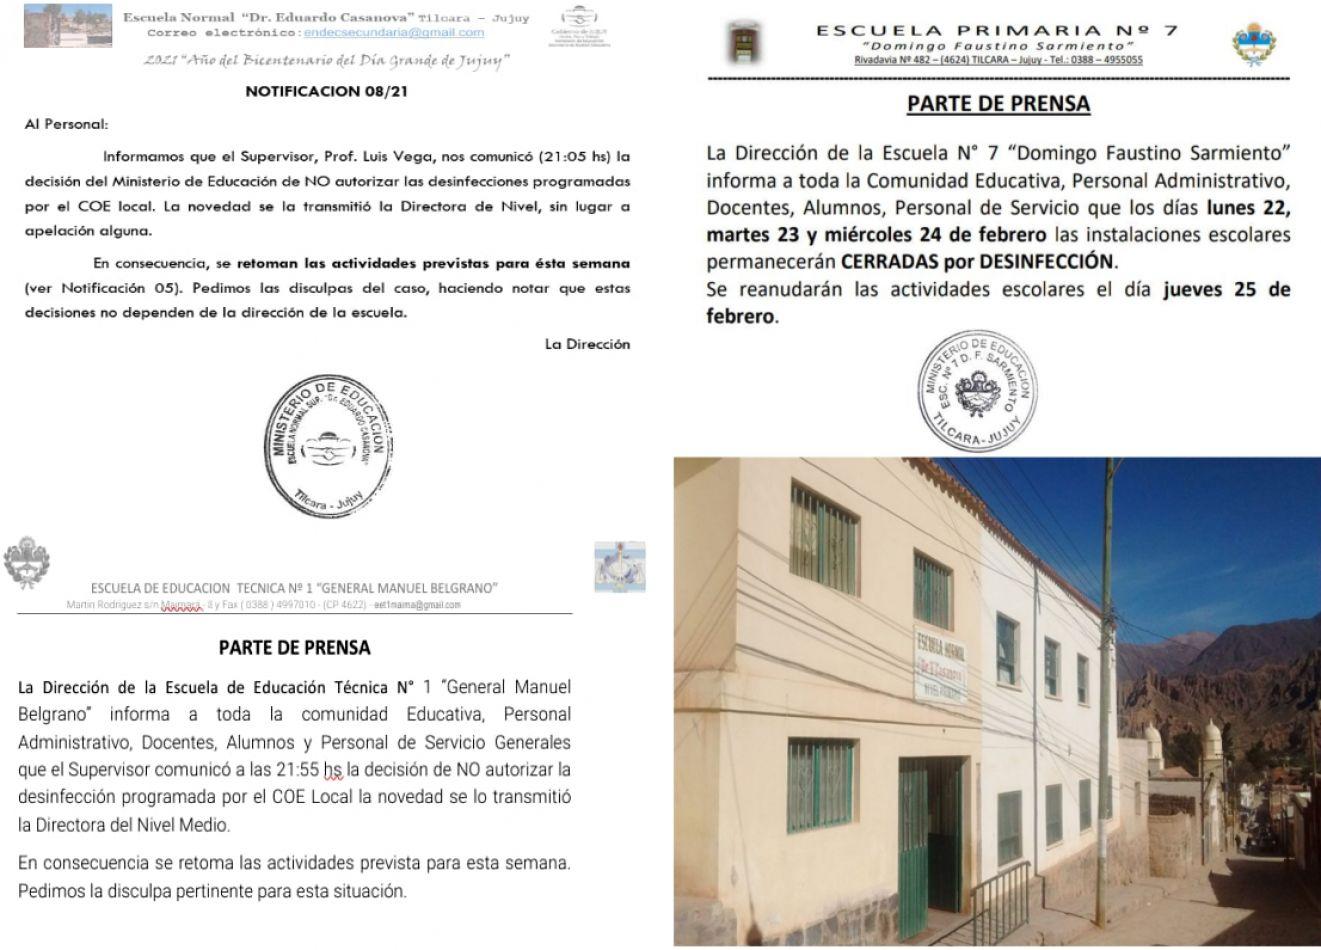 Pese a los casos de covid 19, el Ministerio de Educación impidió la desinfección de escuelas